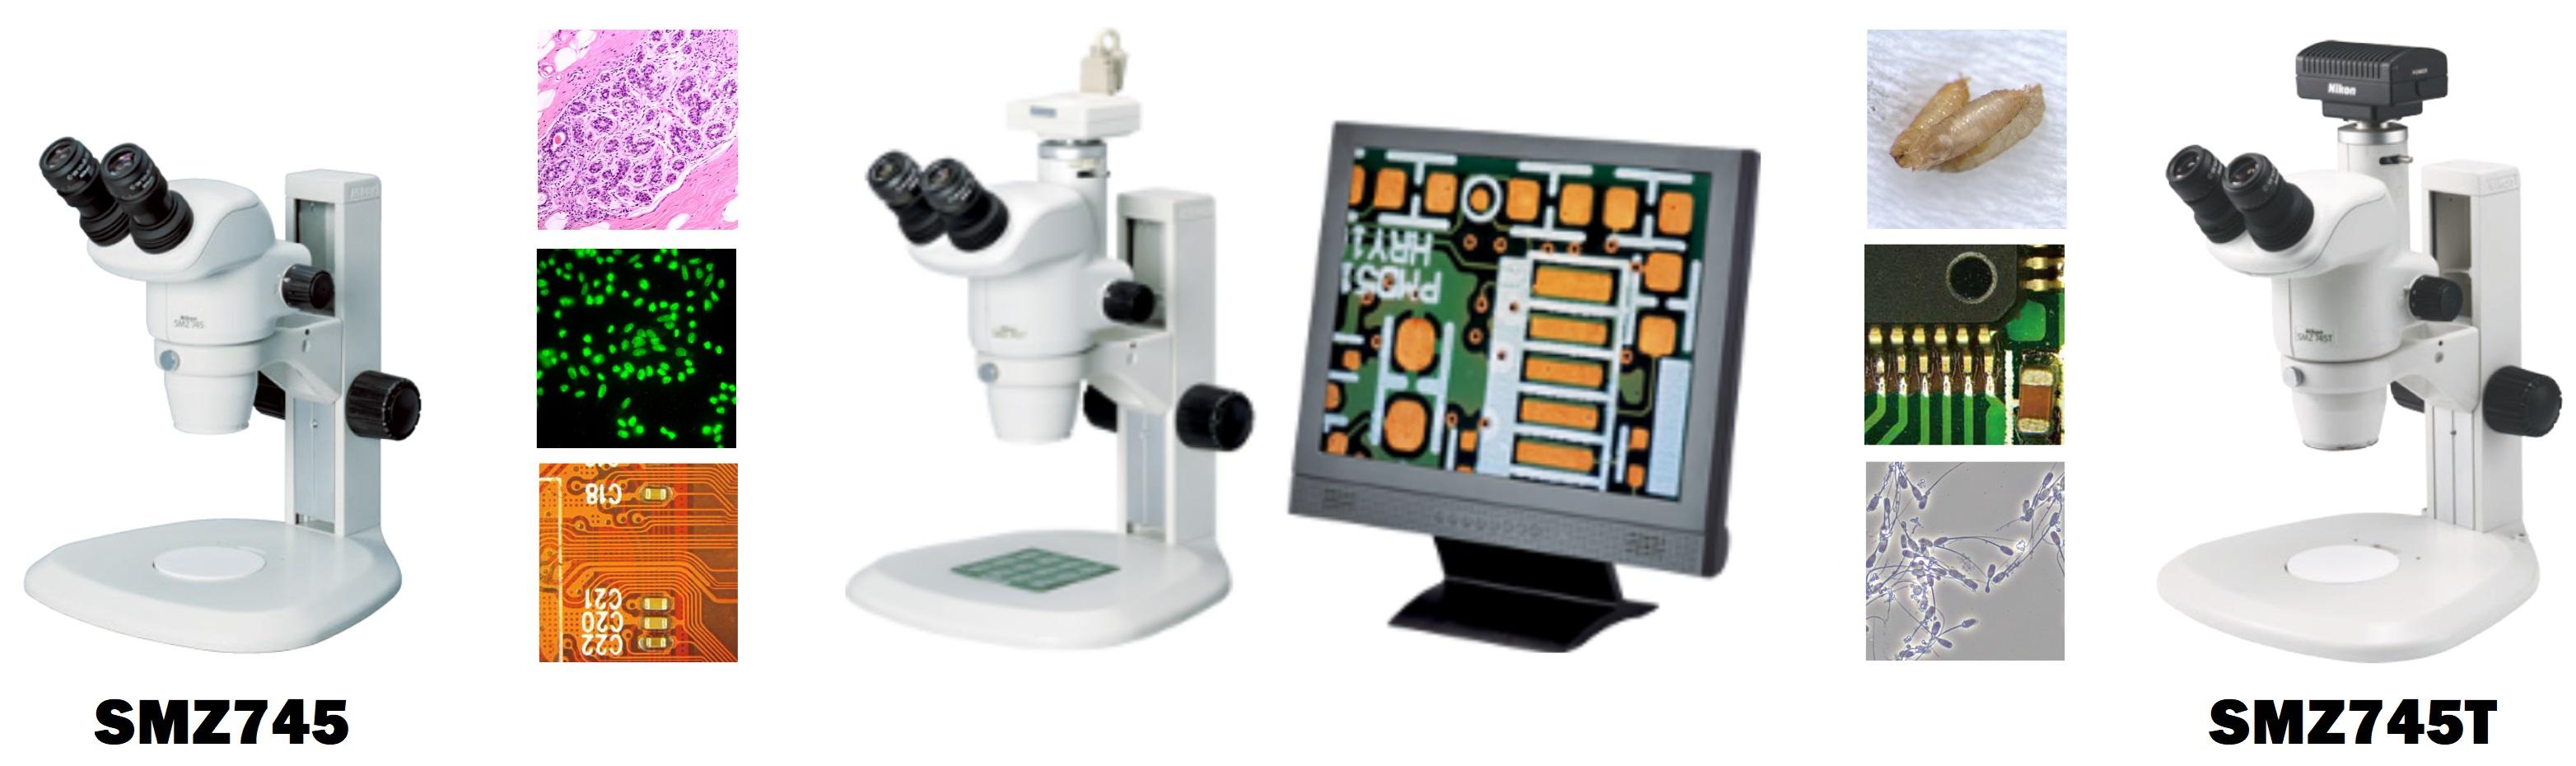 Микроскоп для пайки микросхем